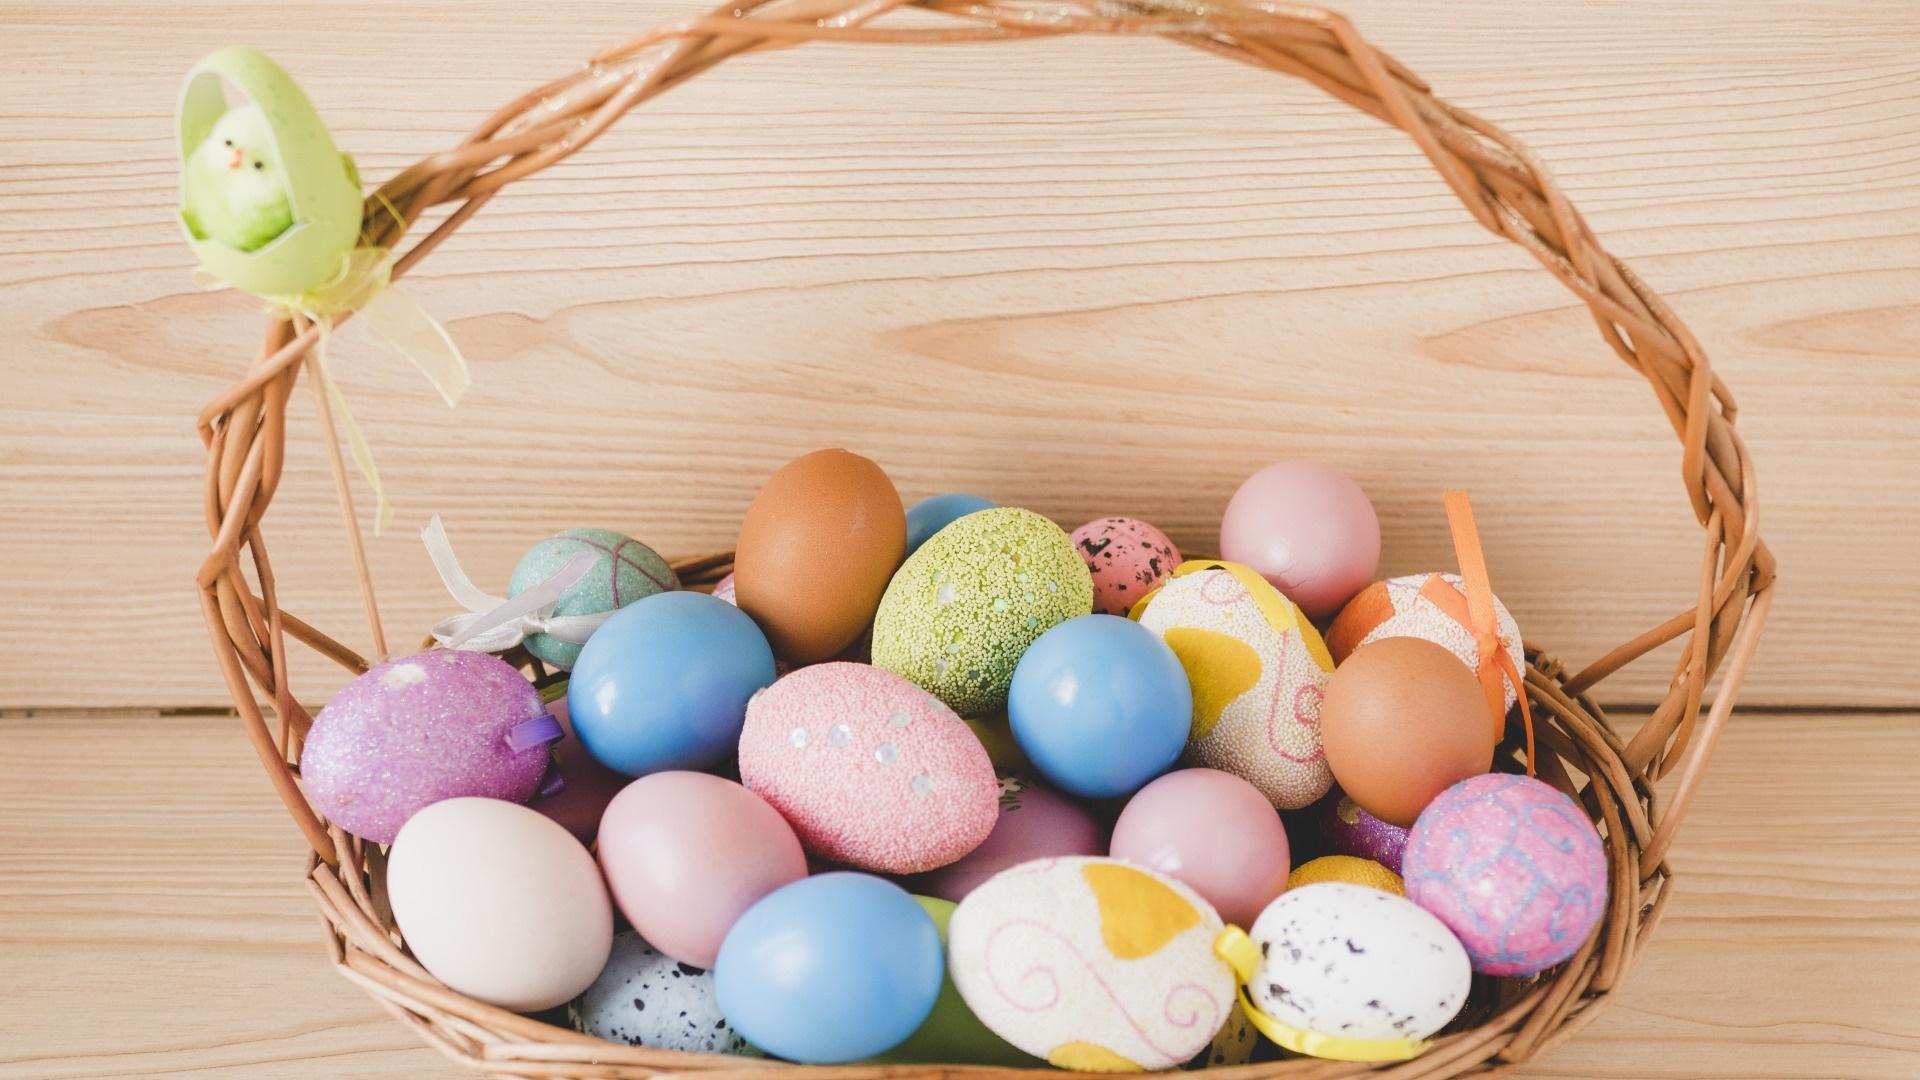 Easter Eggs In A Basket HD Wallpaper